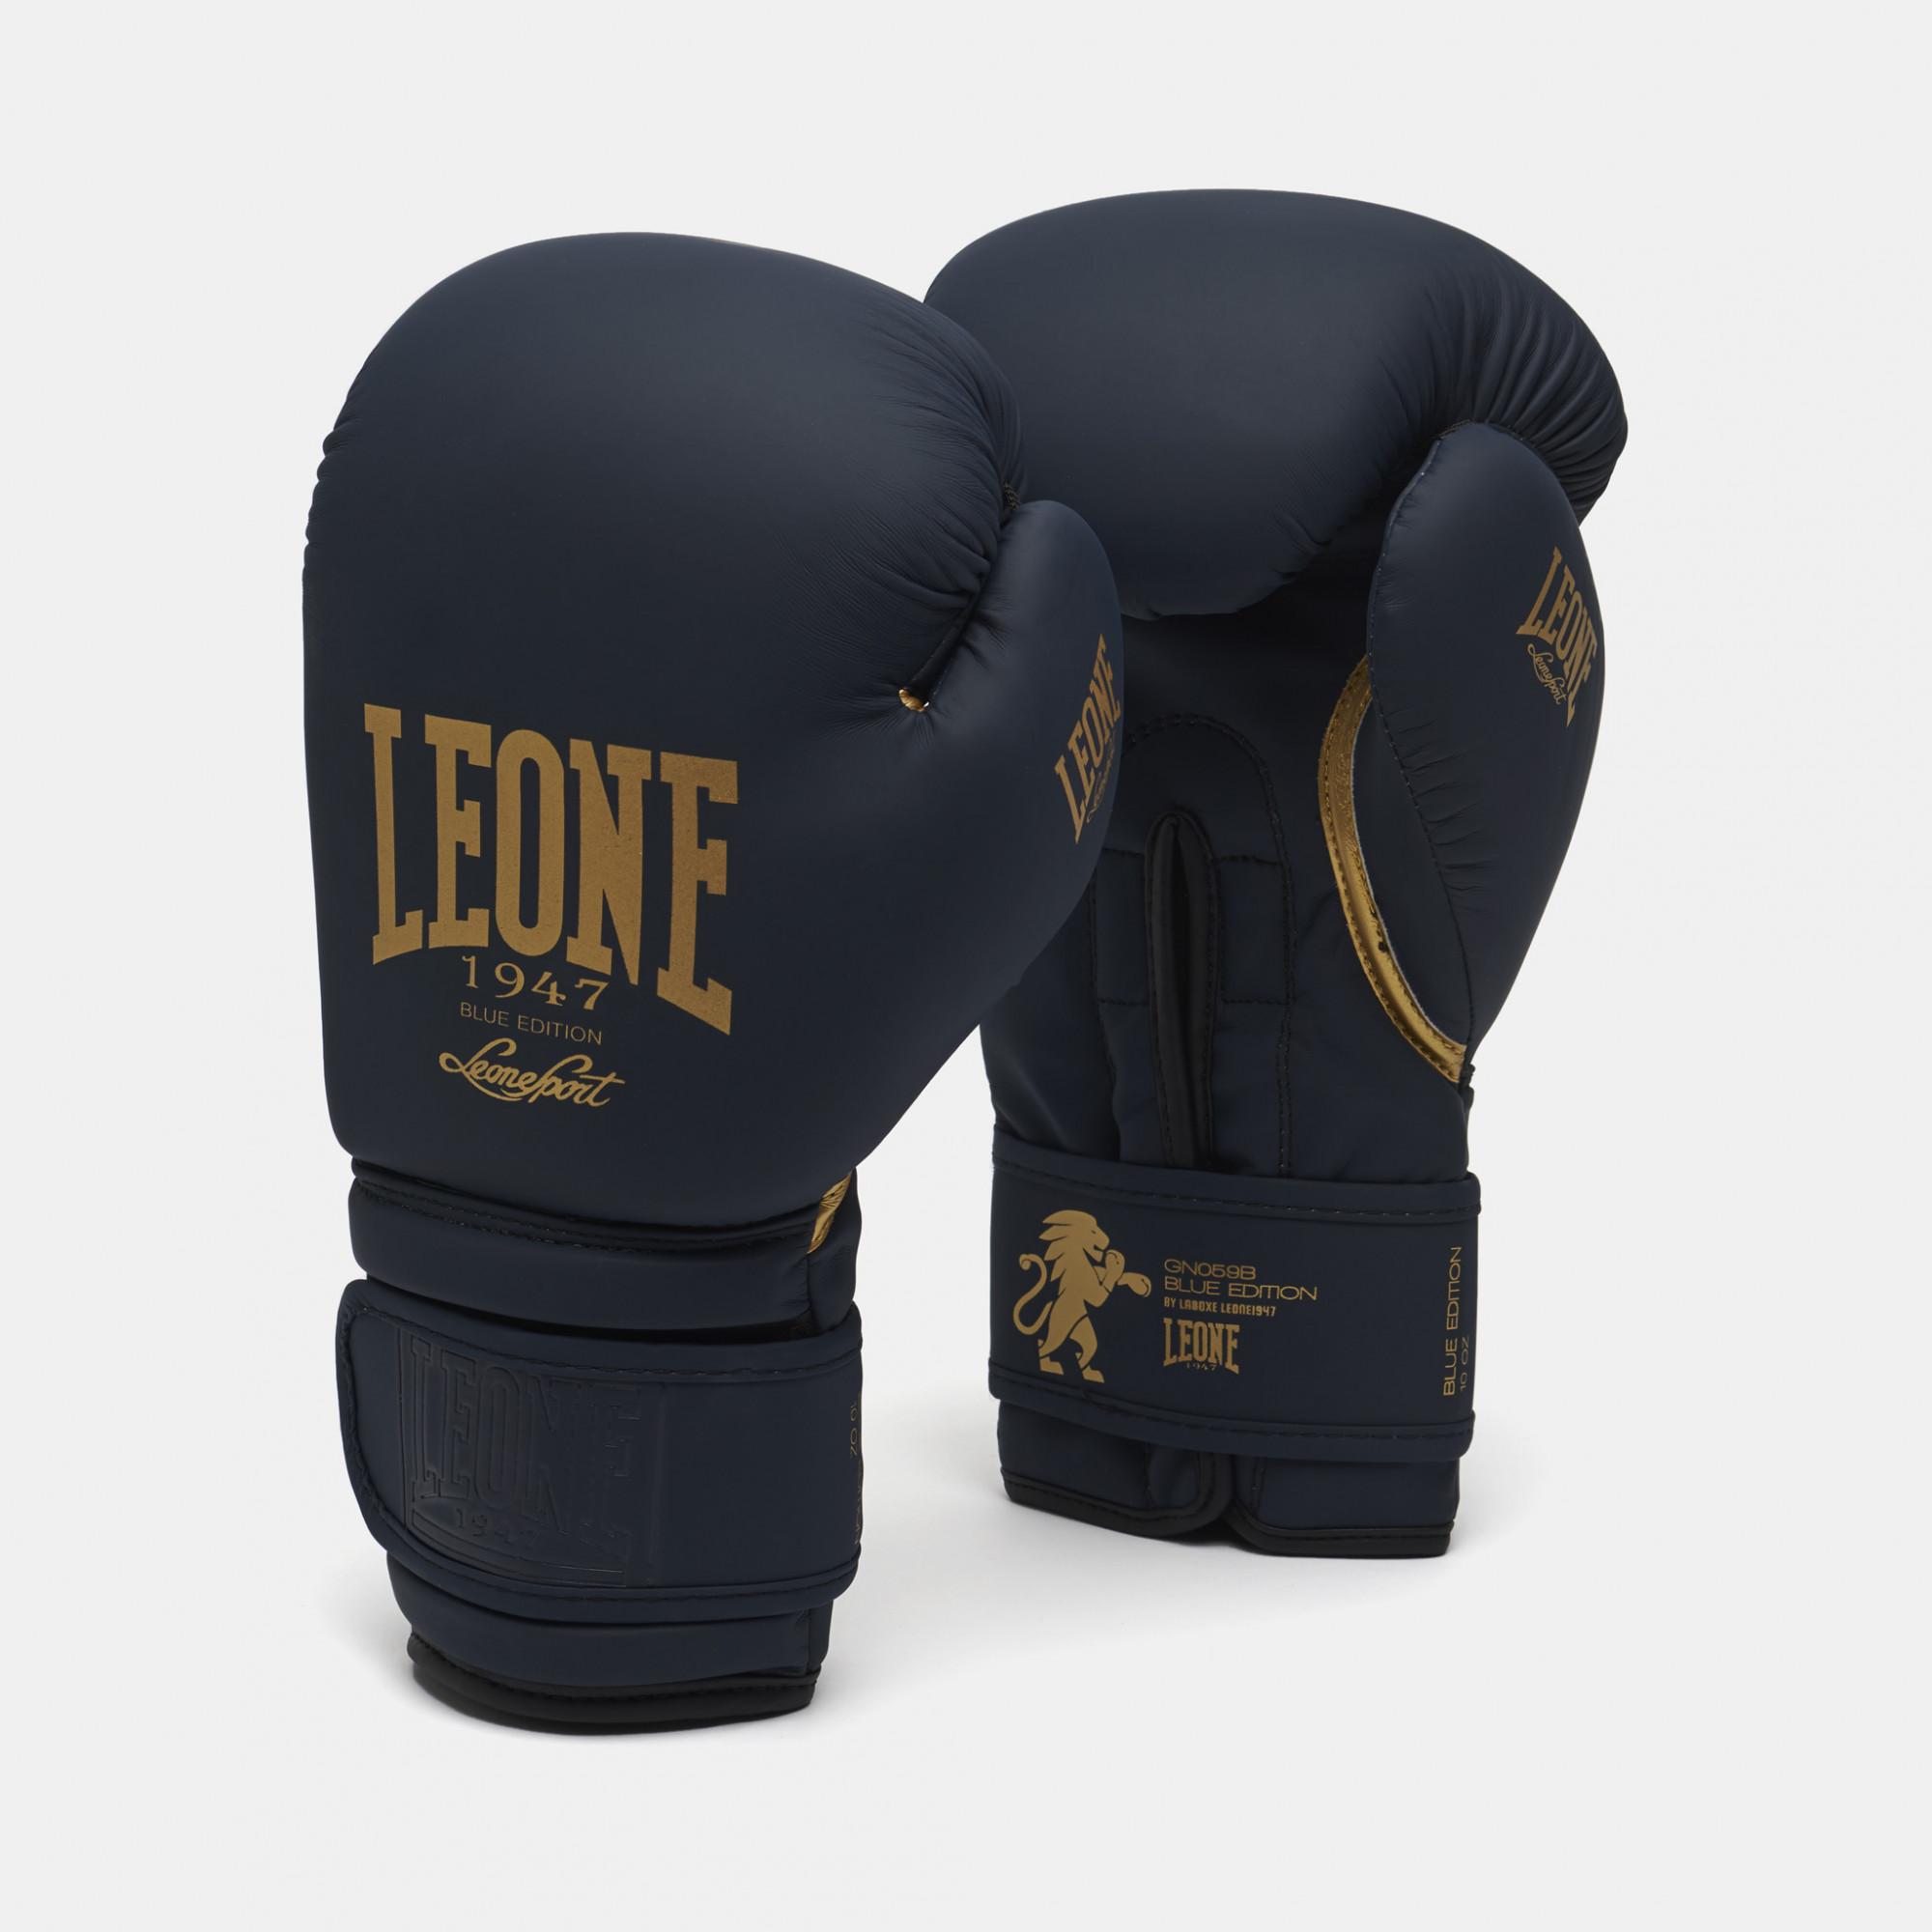 Da Hobby Sport Roma Guantoni da boxe Leone Blue Edition